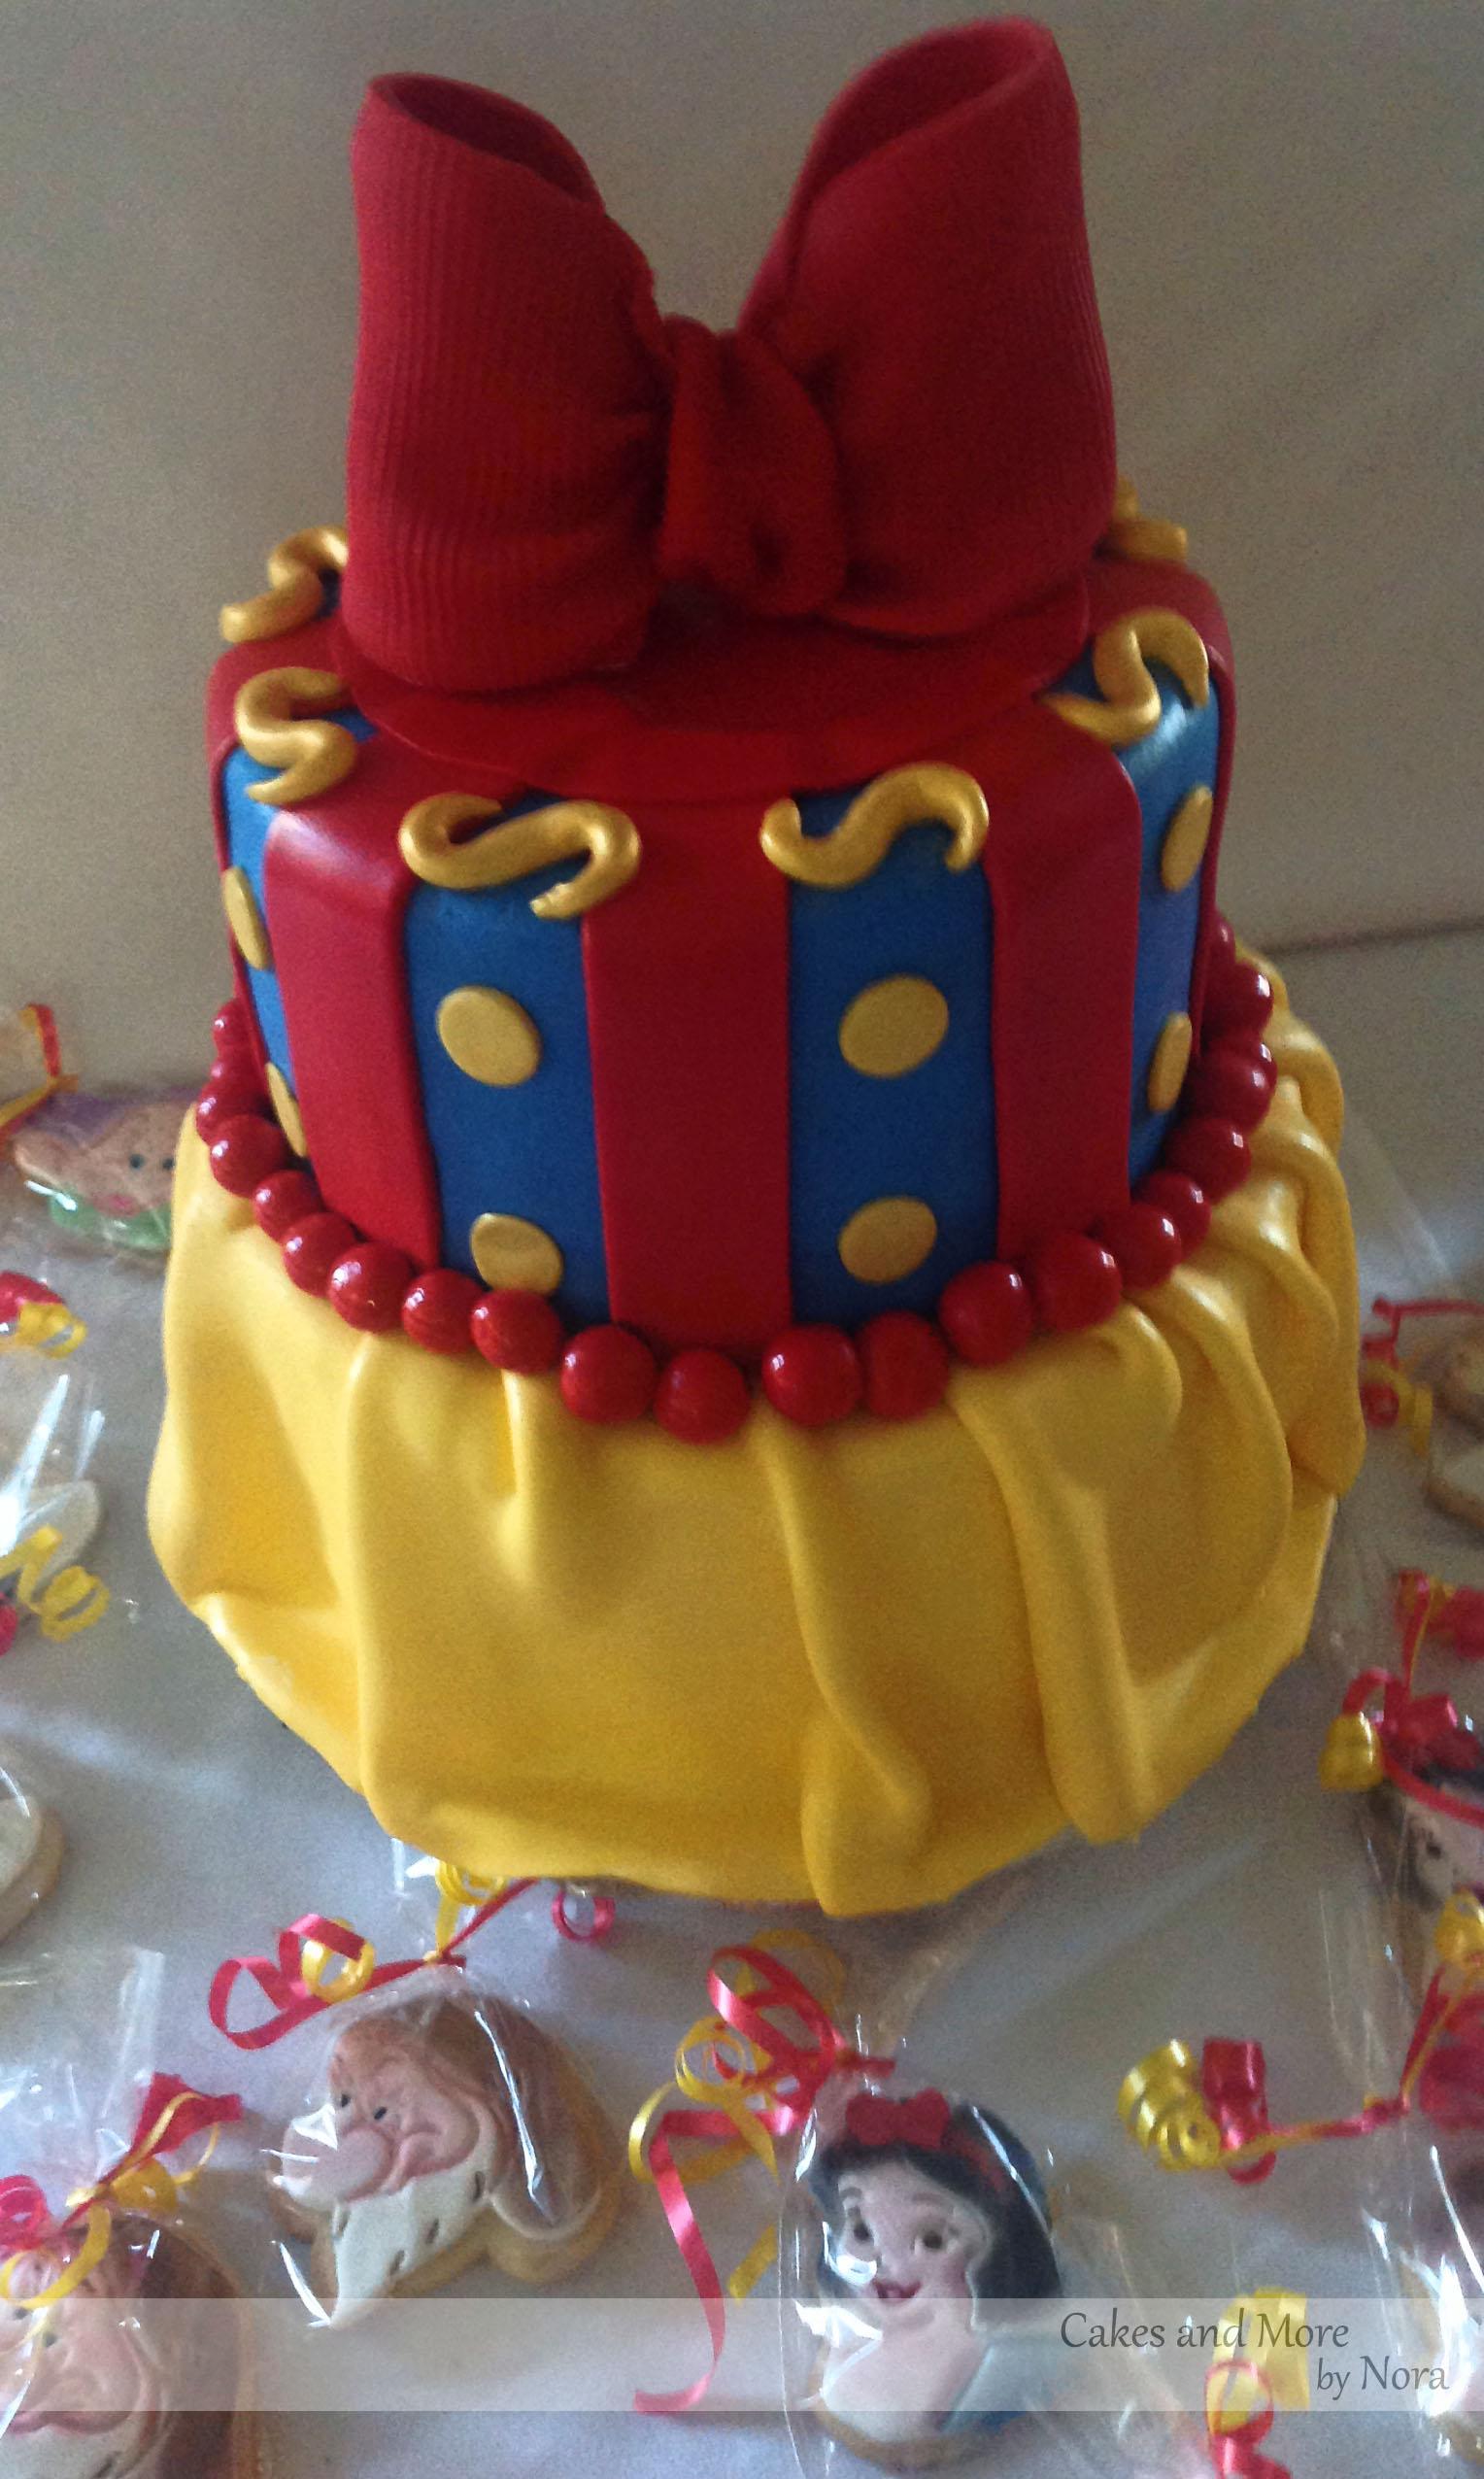 Peachy 12 Snow Birthday Cake Birthday Cakes Photo Snow White Birthday Funny Birthday Cards Online Alyptdamsfinfo